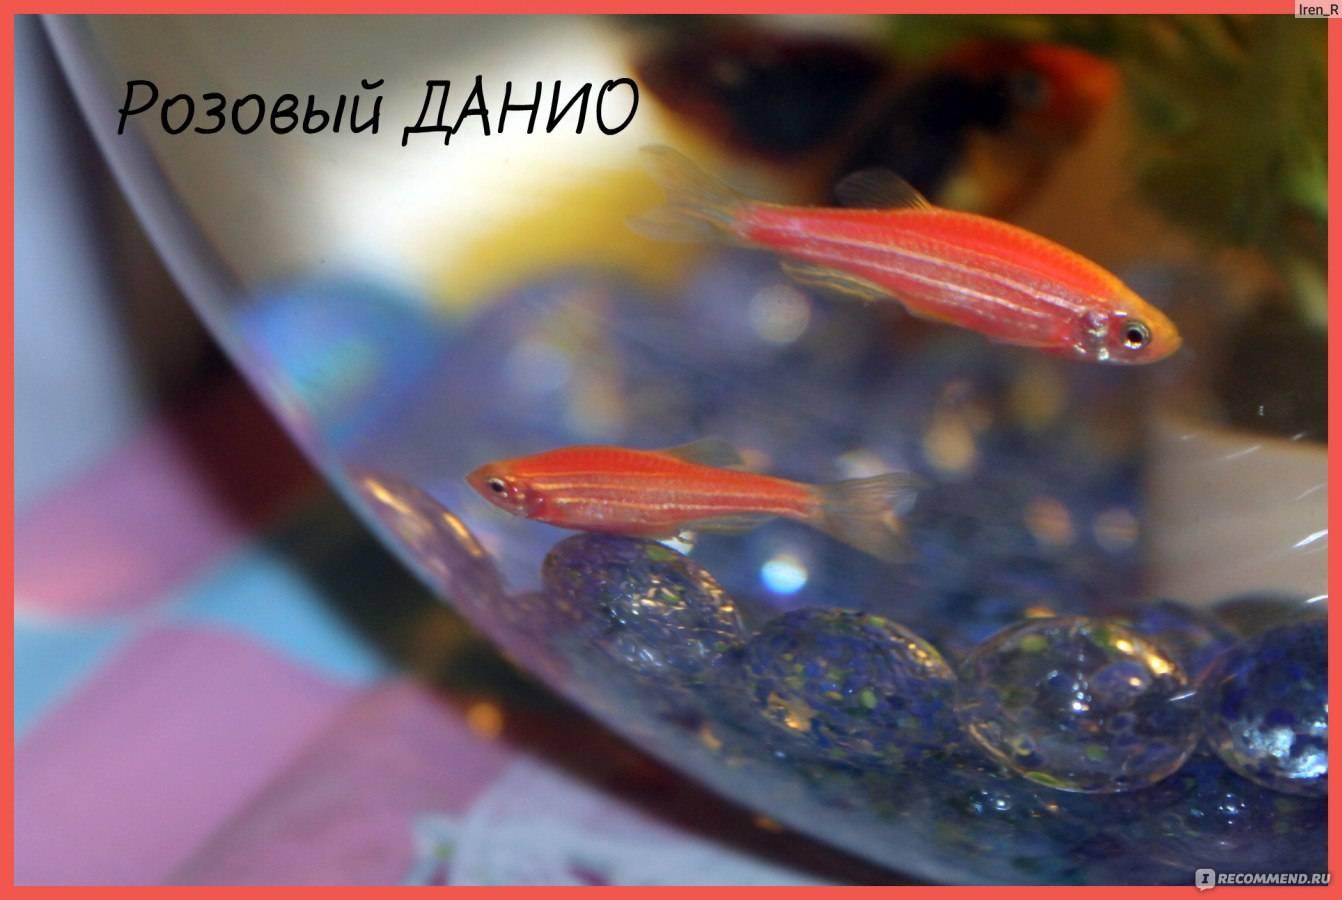 Данио розовый: размножение, уход и содержание аквариумной рыбки, возможные болезни, фото, а также, как отличить самца от самки и особенности нереста